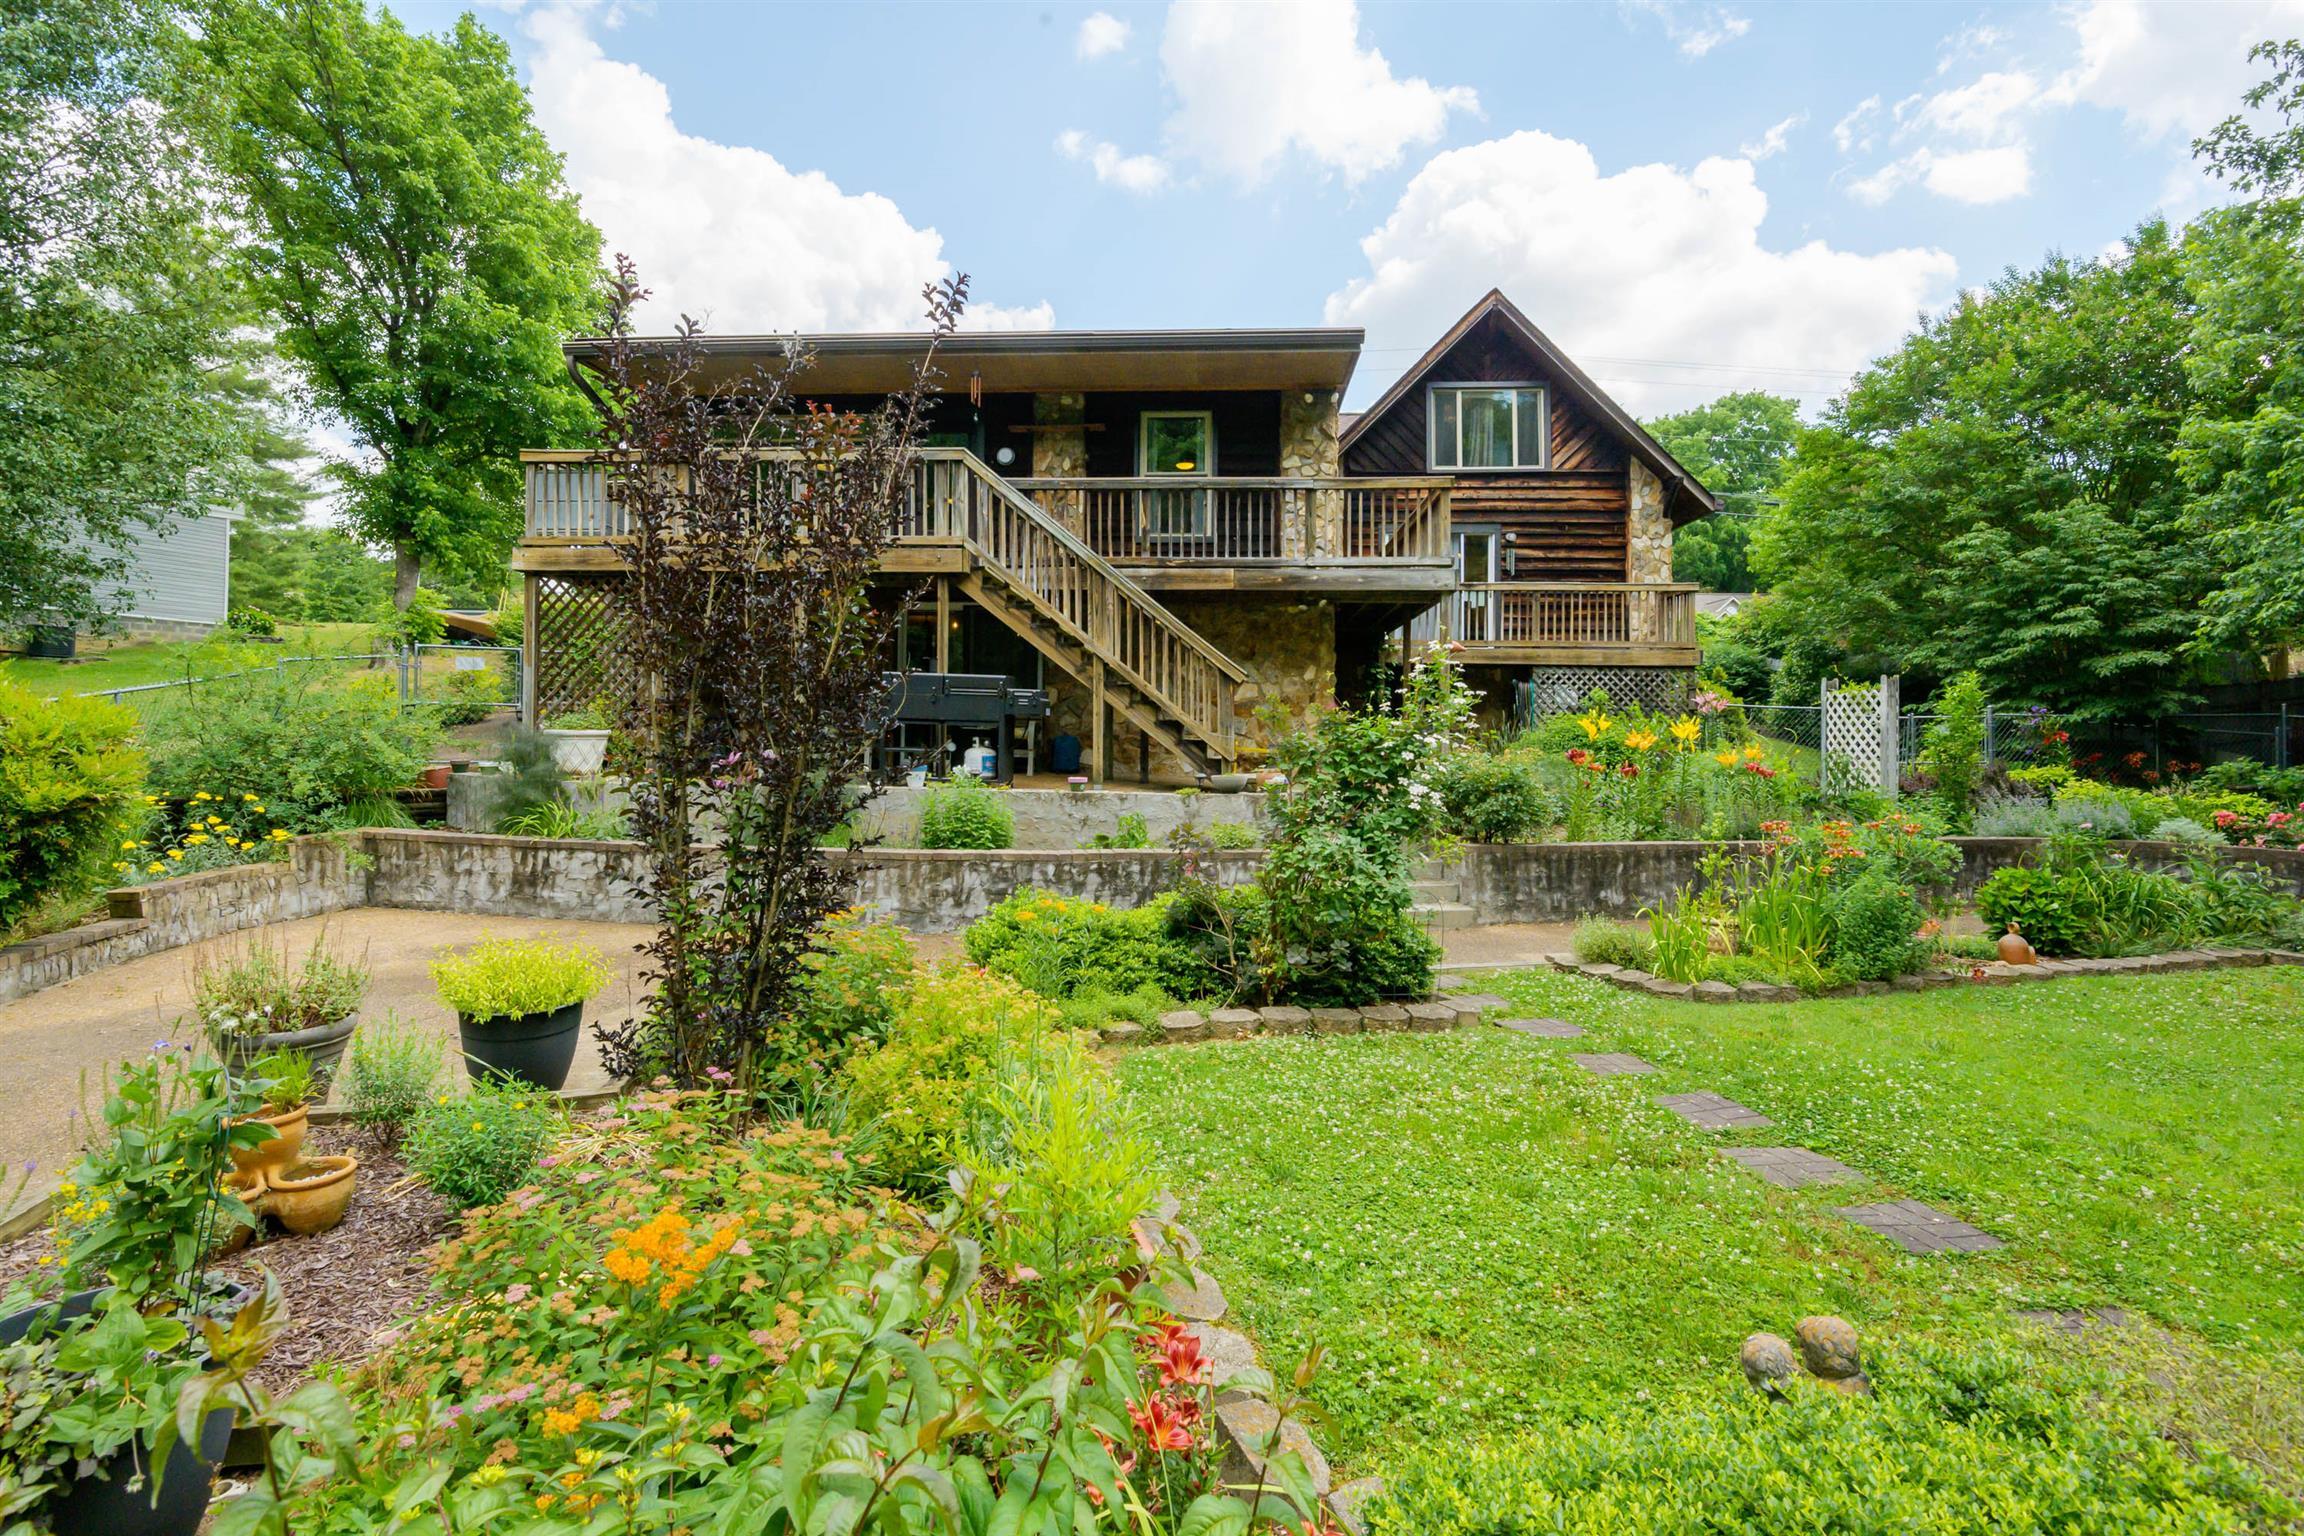 3269 Trails End Ln, Nashville, TN 37214 - Nashville, TN real estate listing